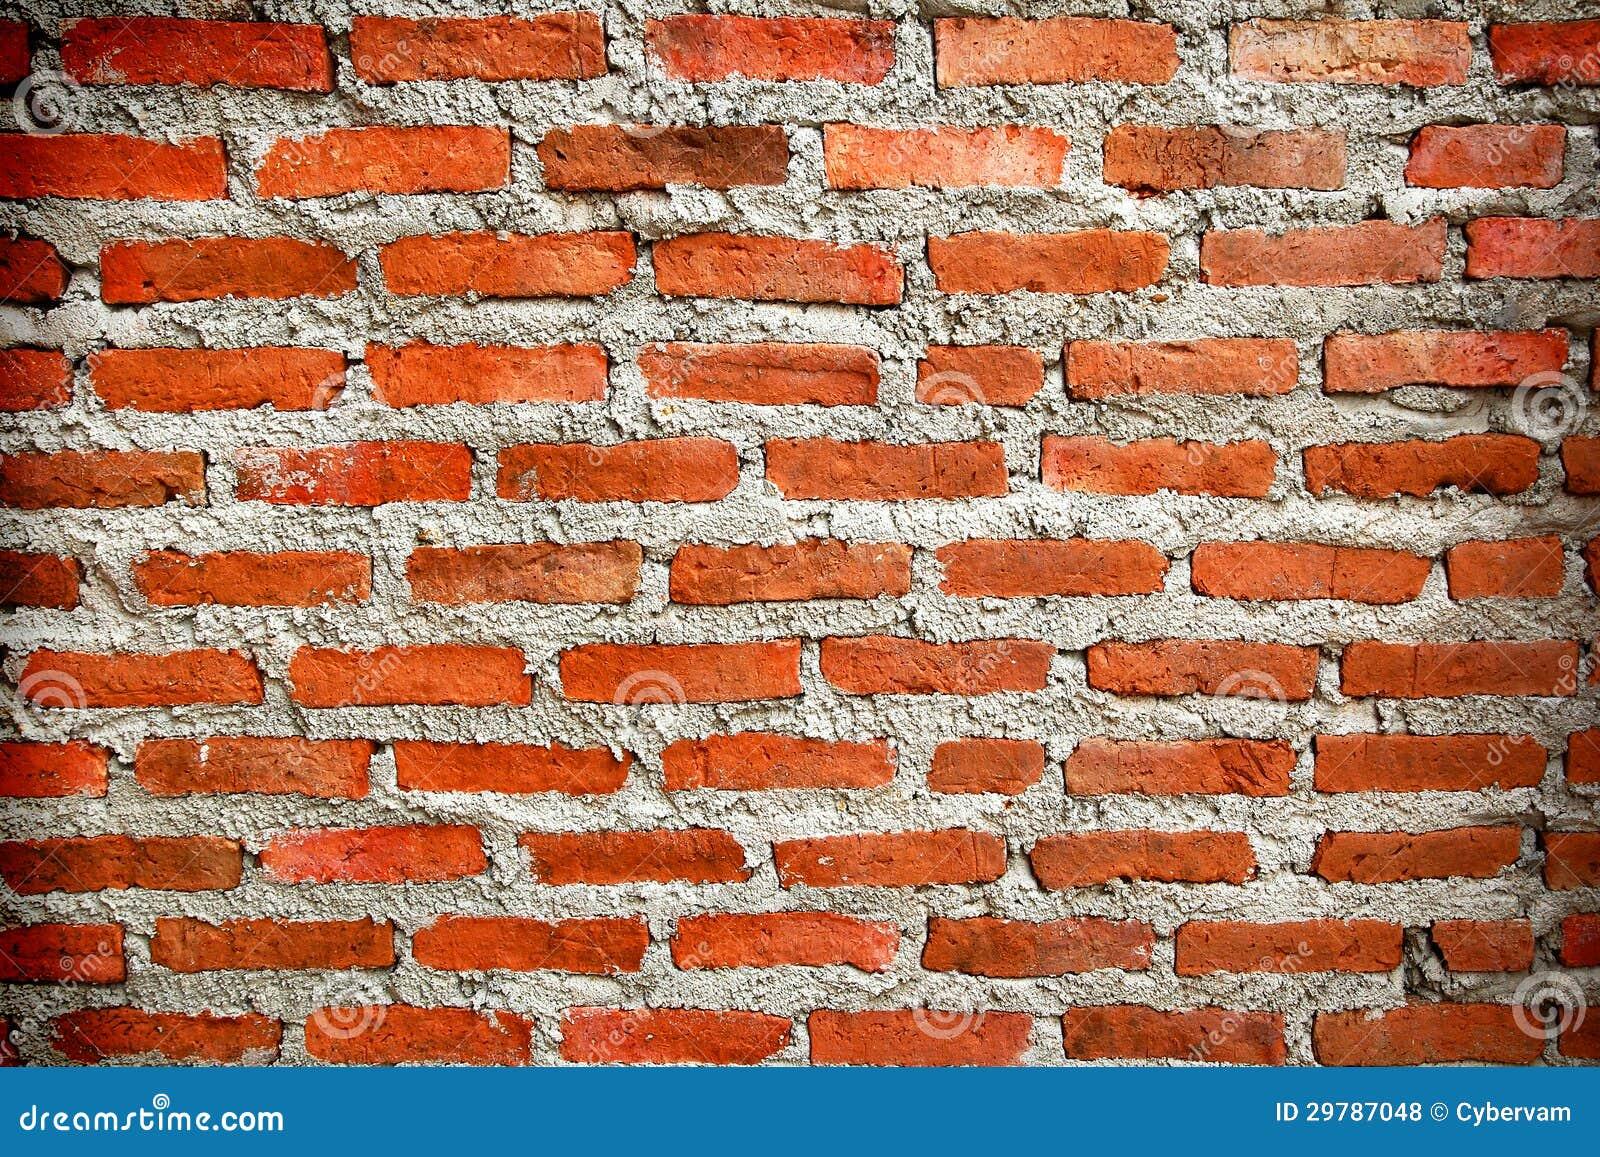 Pared de ladrillos rojos foto de archivo imagen de - Ladrillos para pared ...